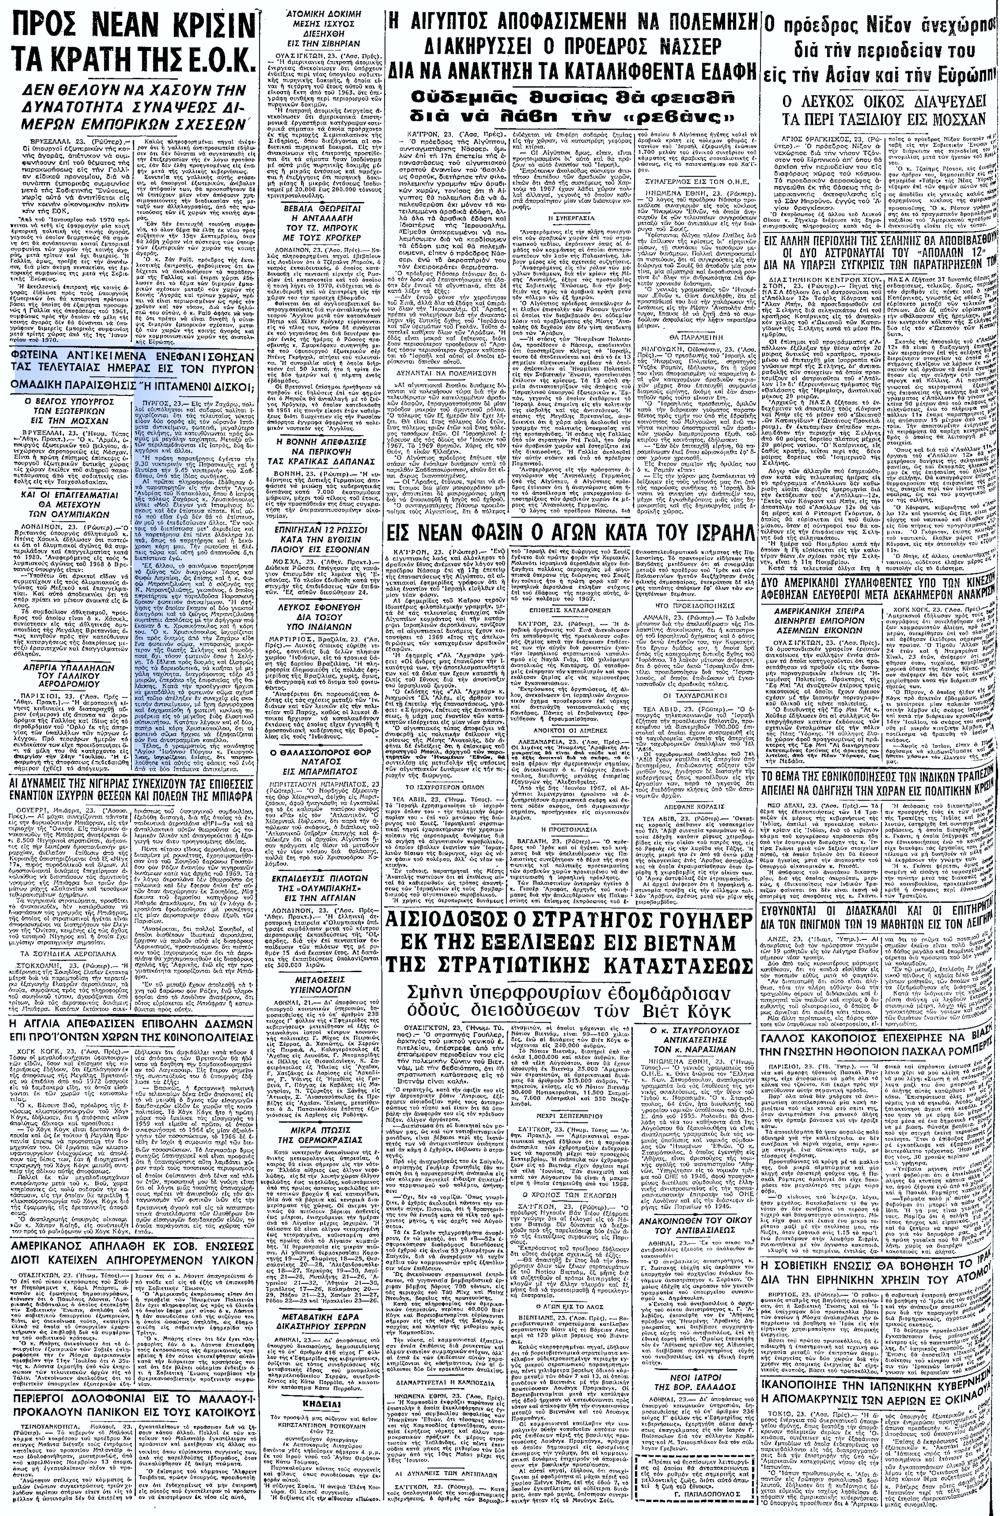 """Το άρθρο, όπως δημοσιεύθηκε στην εφημερίδα """"ΜΑΚΕΔΟΝΙΑ"""", στις 24/07/1969"""